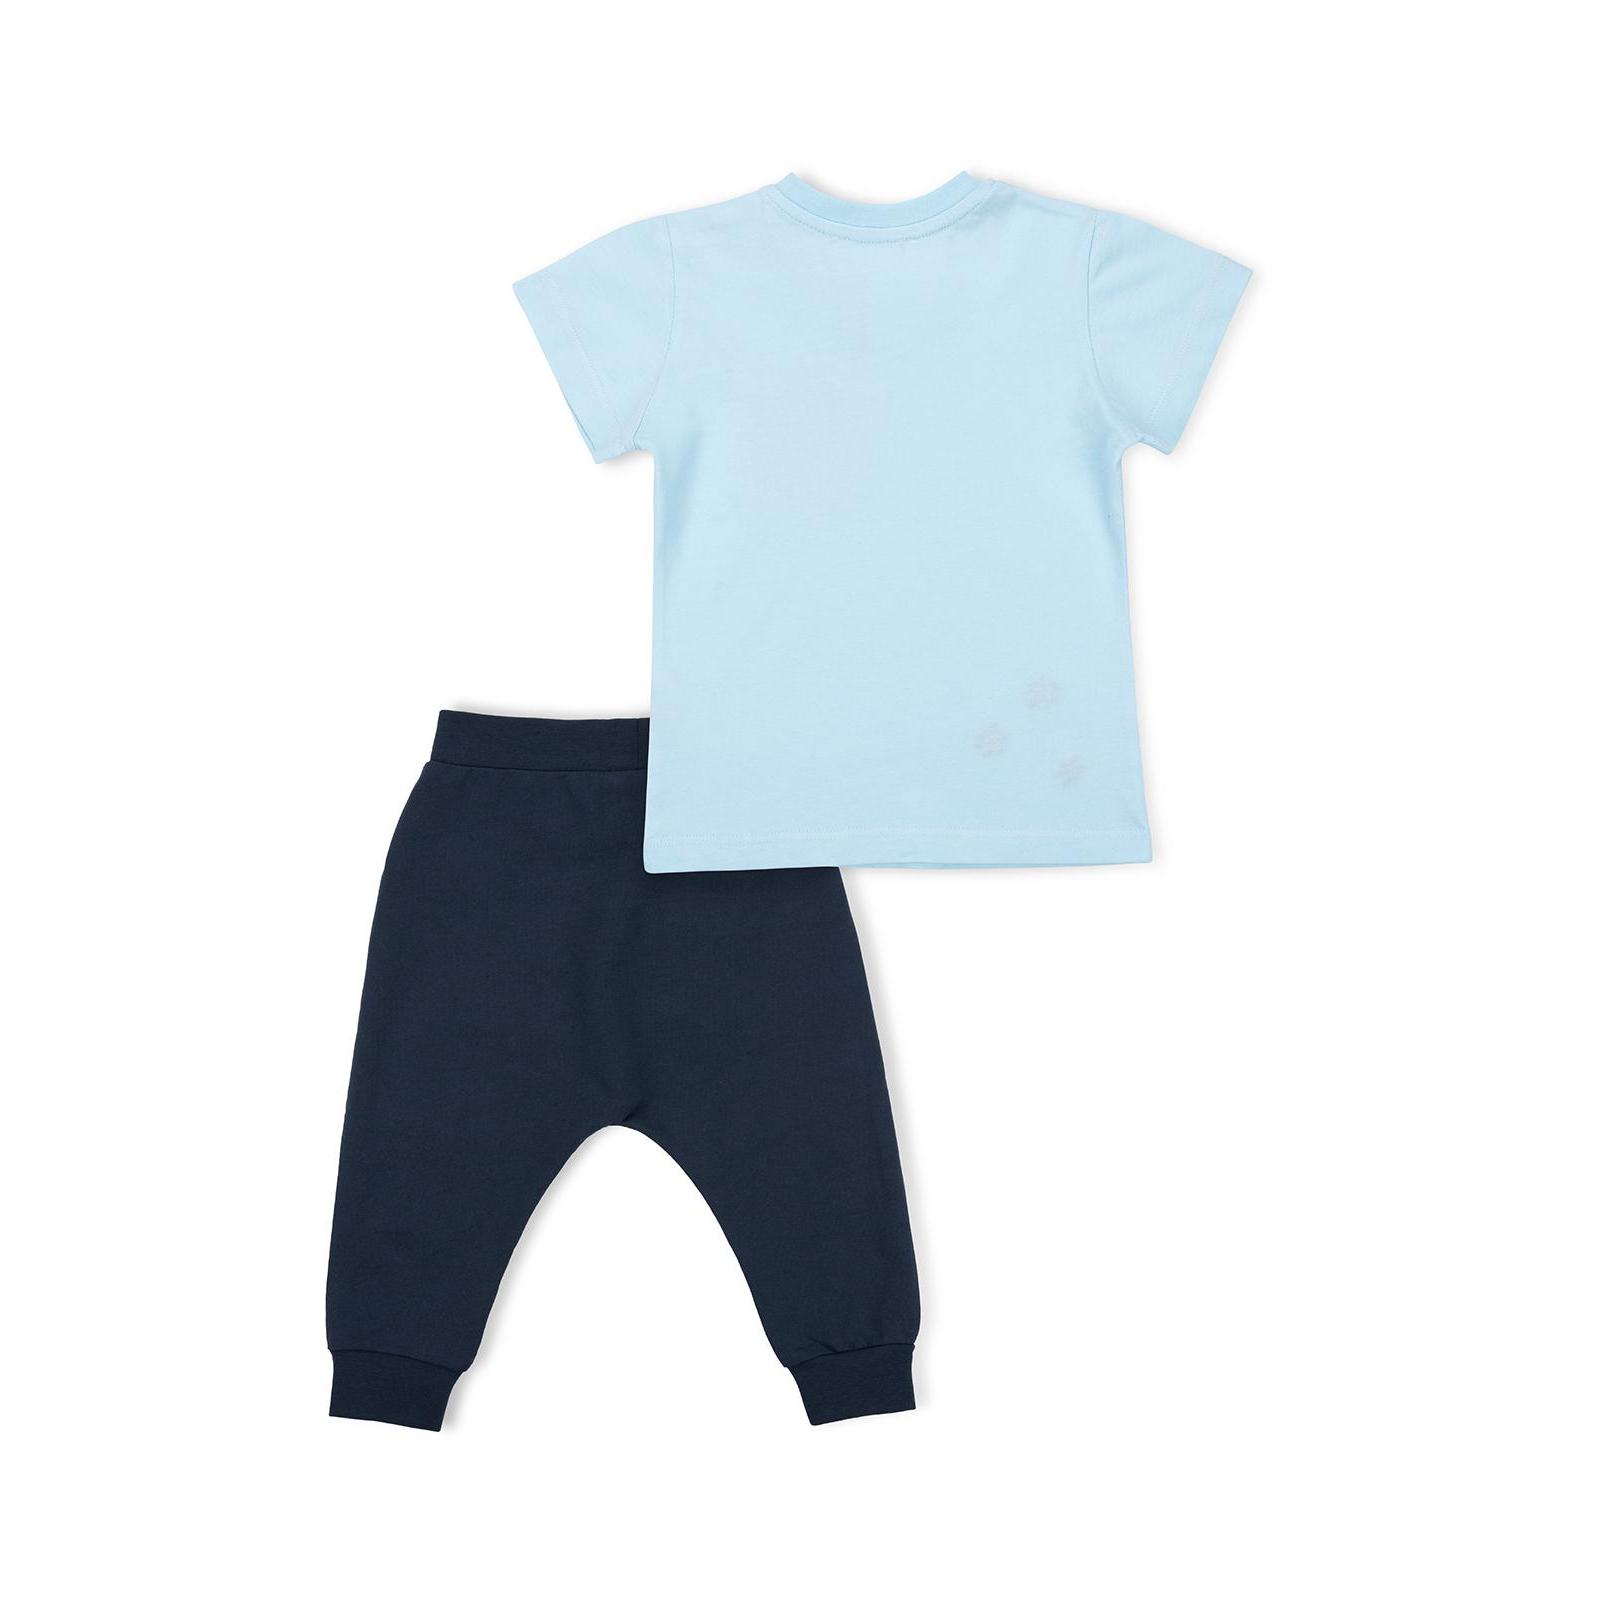 Набор детской одежды Breeze с карманчиками (10234-92G-blue) изображение 4